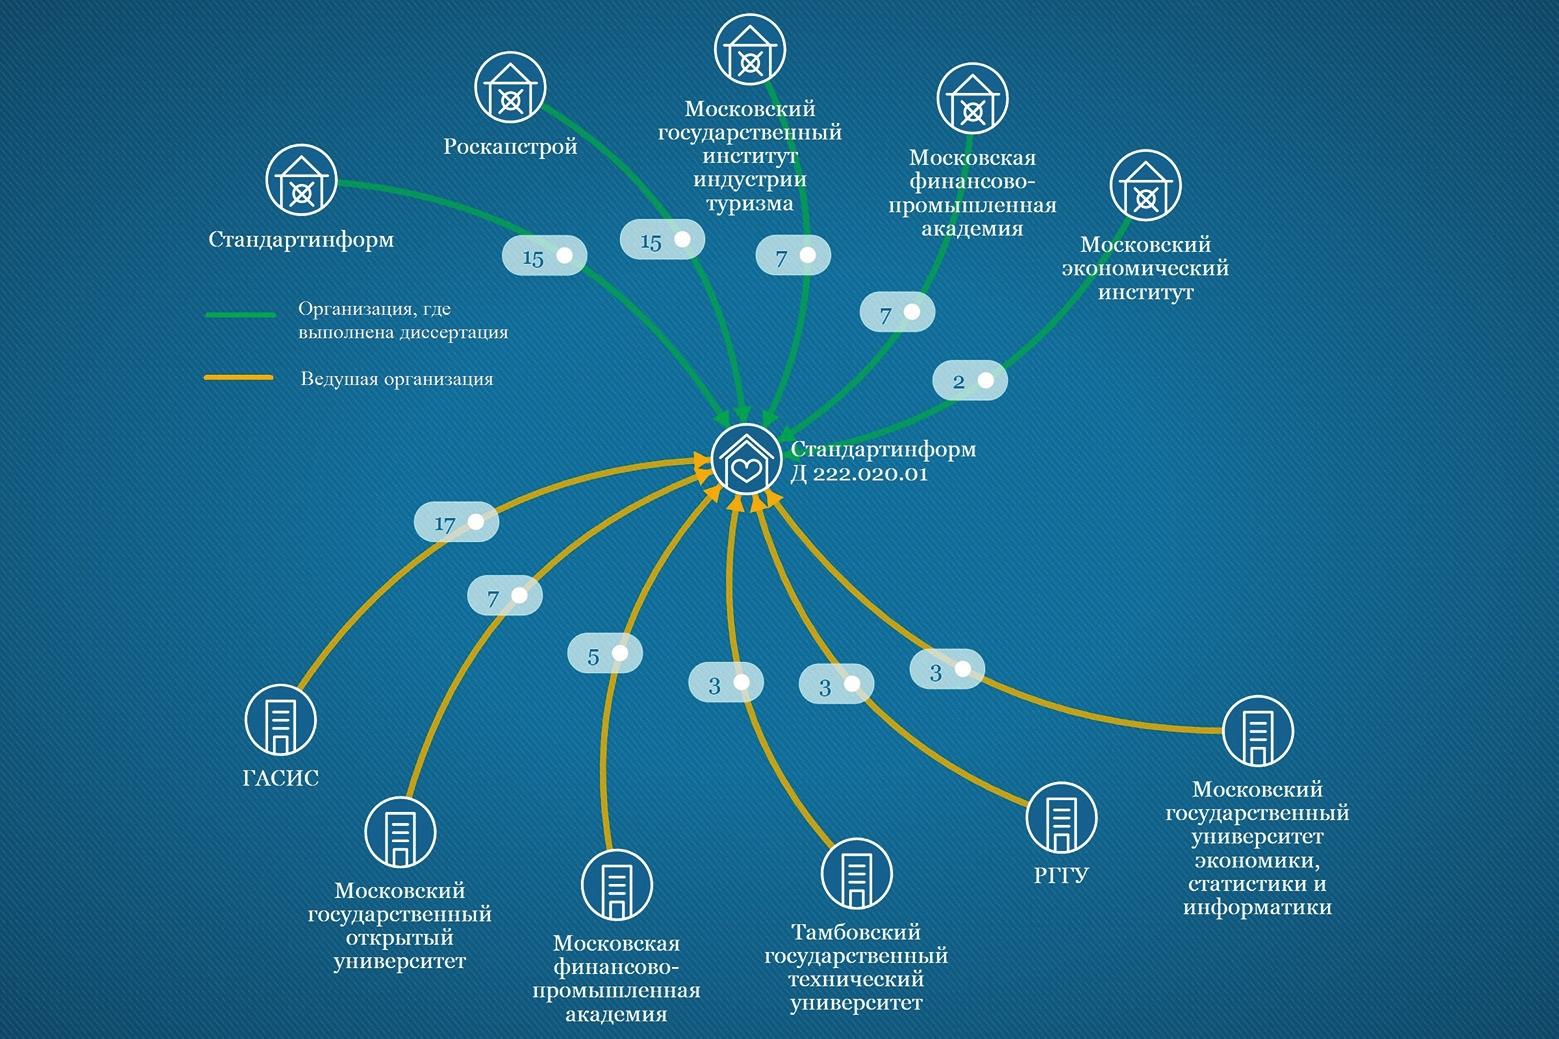 Рис. 2. Организации, сотрудничавшие со Стандартинформ в защите липовых диссертаций